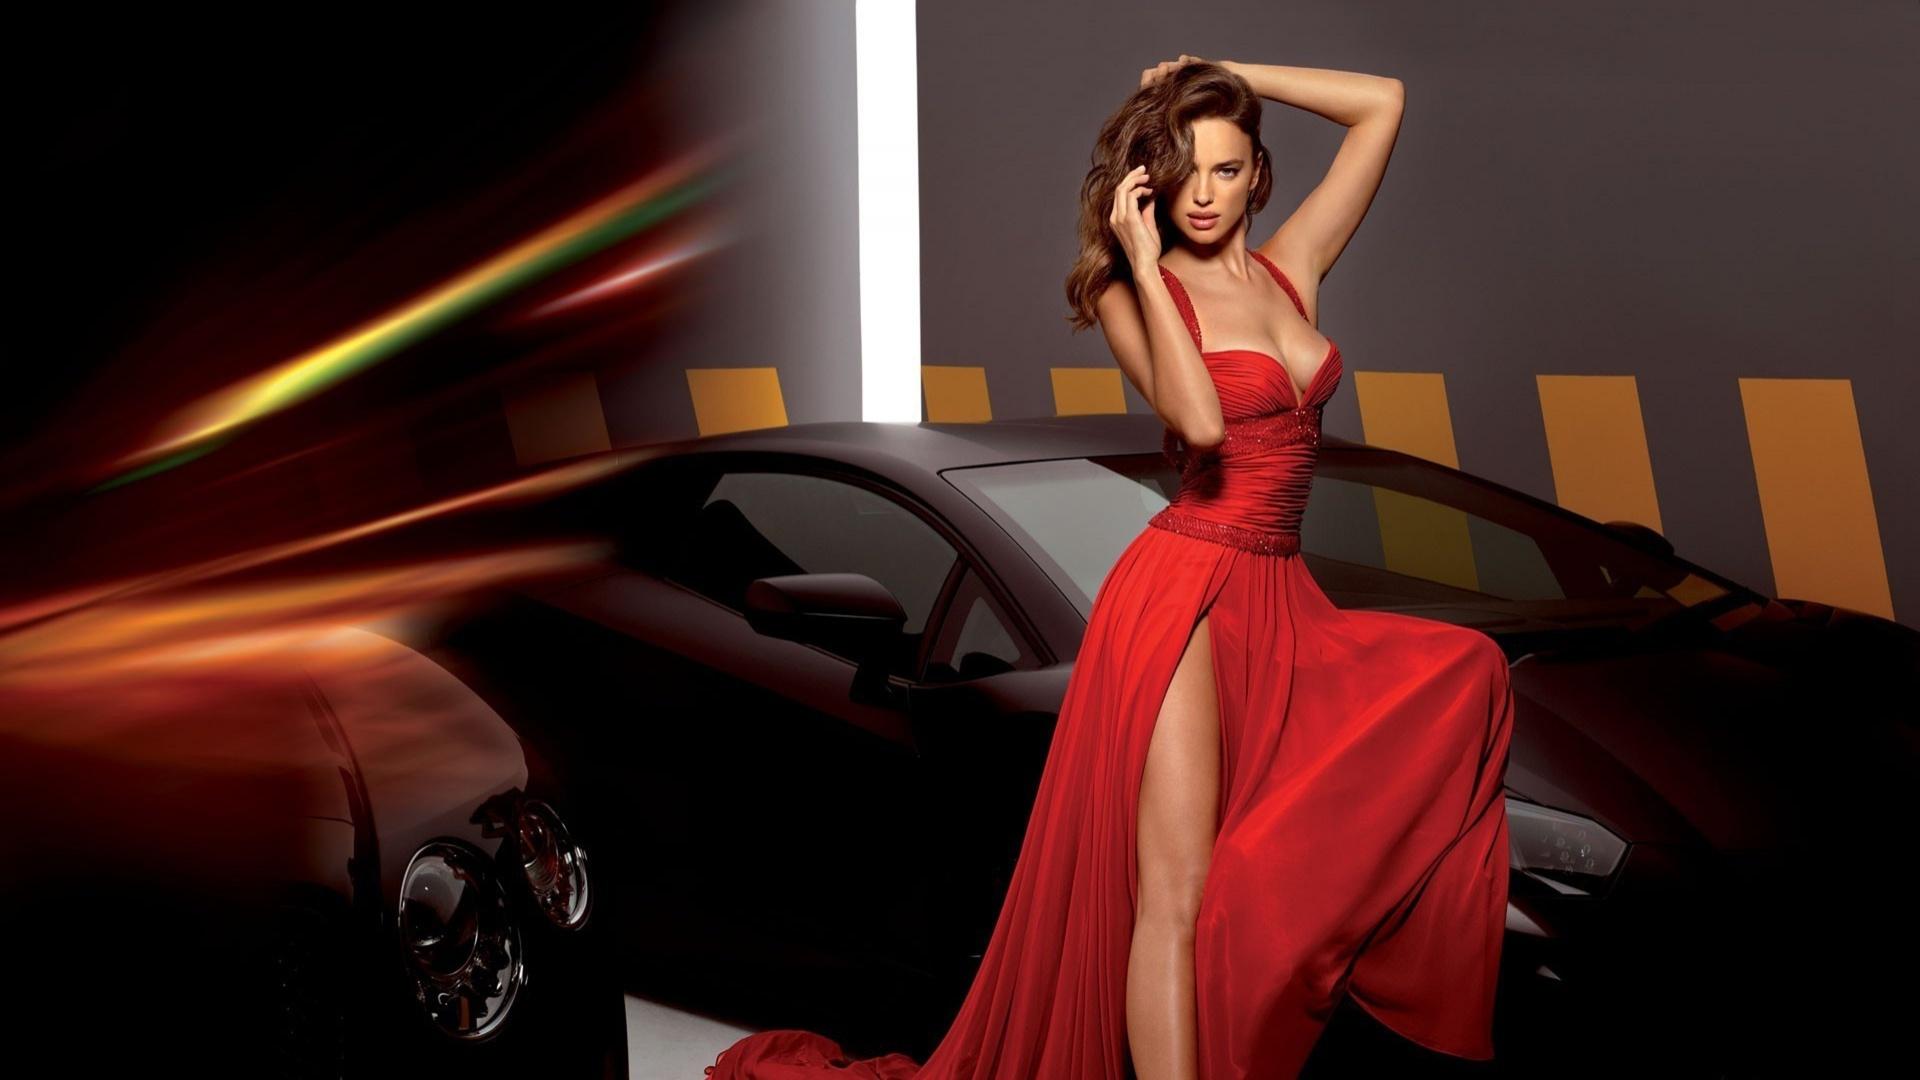 девушка в красном, .платье у авто.